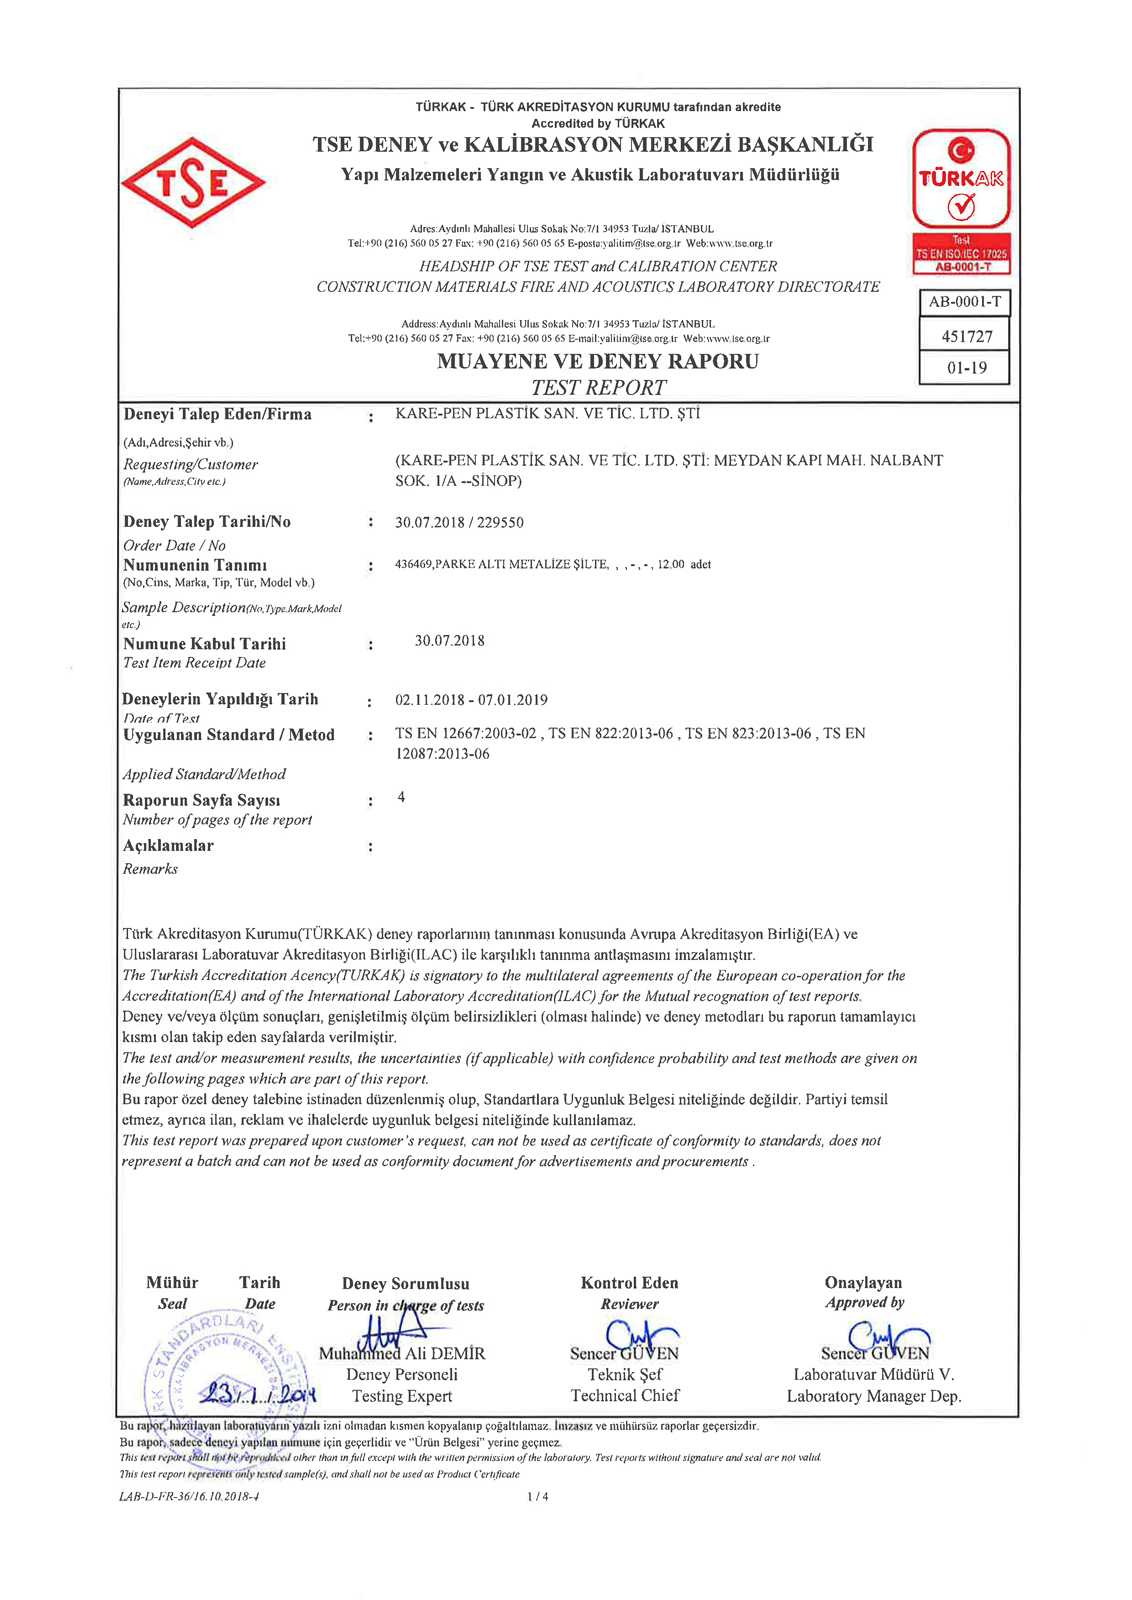 metalize-silte-rapor-3